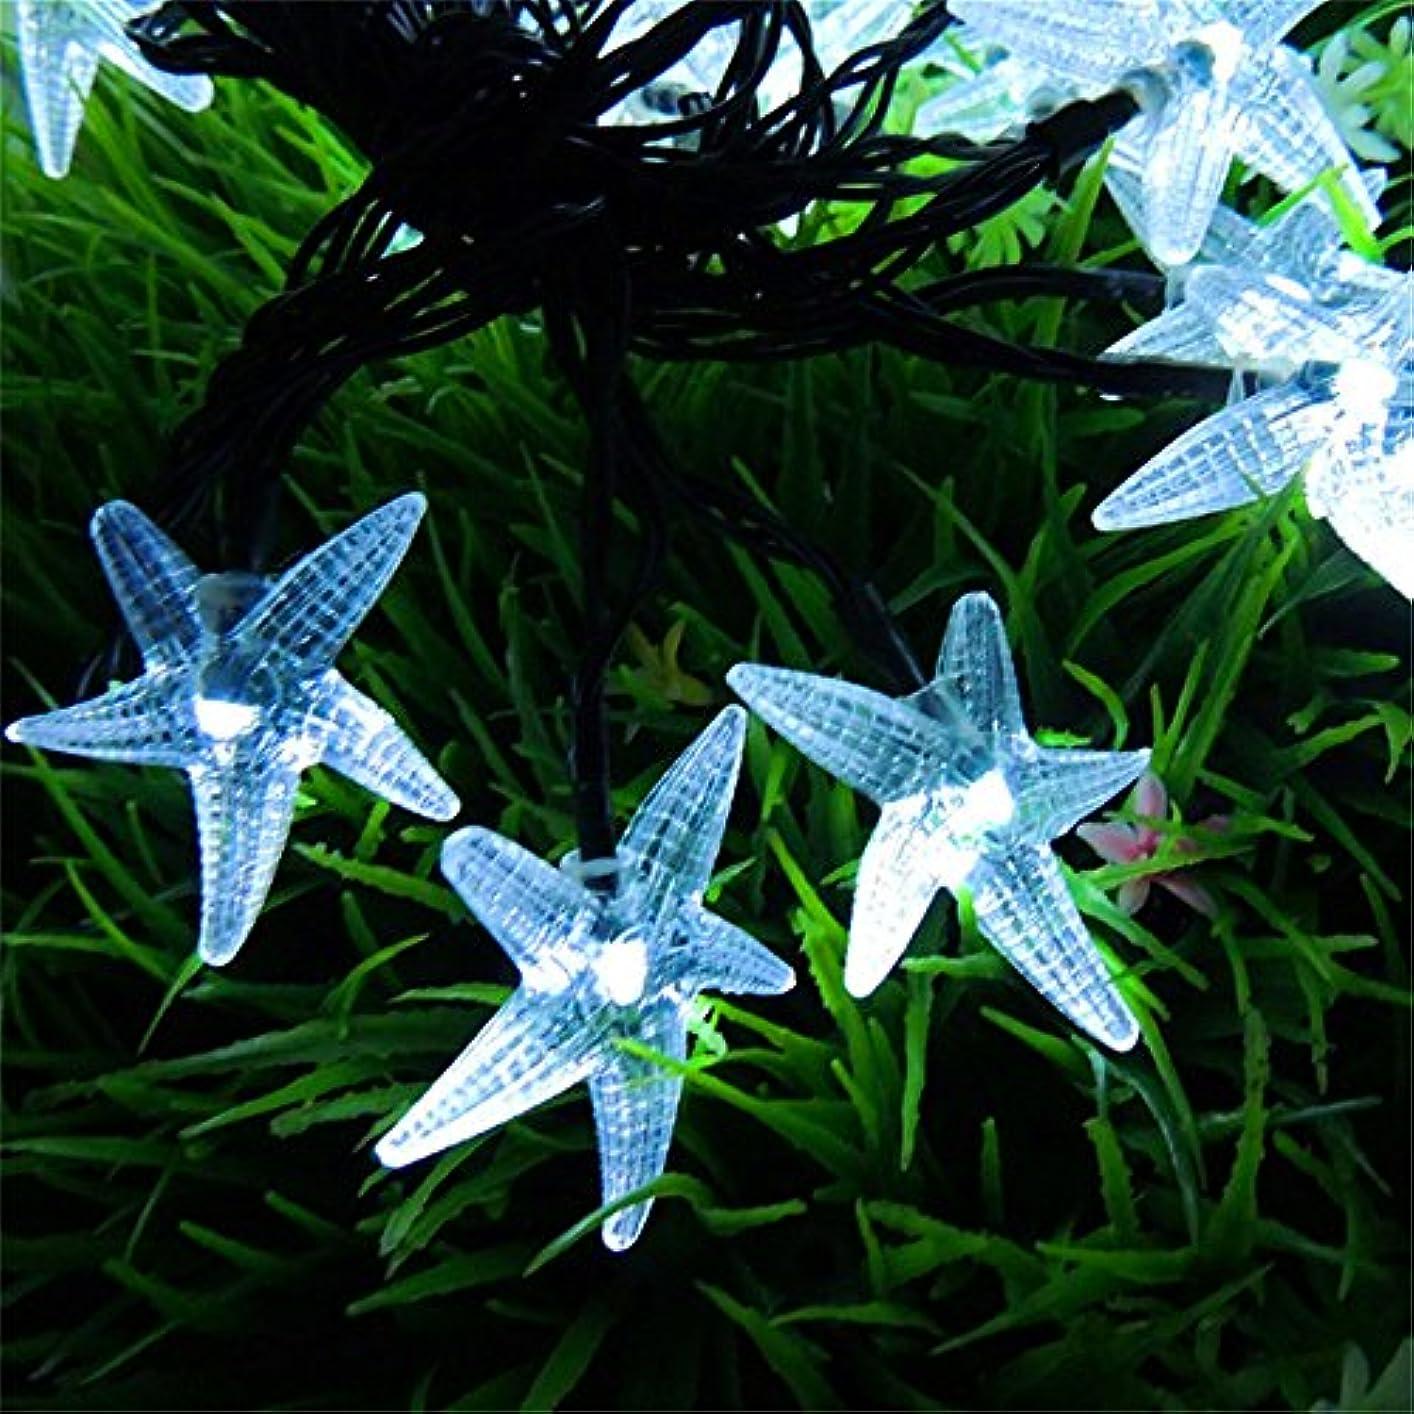 根絶するアクセル変形するソーラーストリングライト、SIMPLE DO LEDライト イルミネーション クリスマス パーティー 防水 省エネ 環境に優しい 使いやすい カラフル(ホワイト)